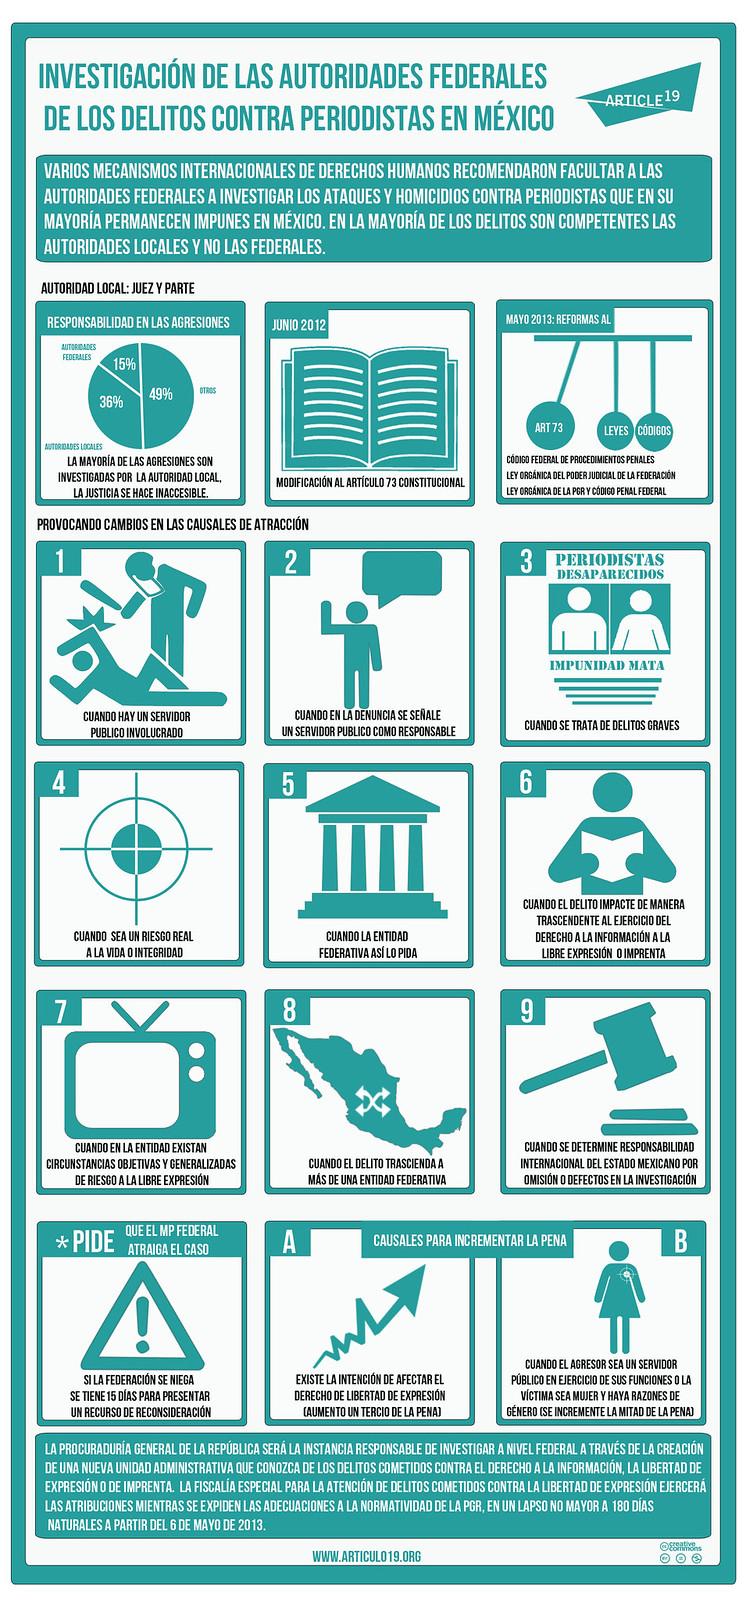 Infografía: Investigación de las autoridades federales de los delitos cometidos contra periodistas en México